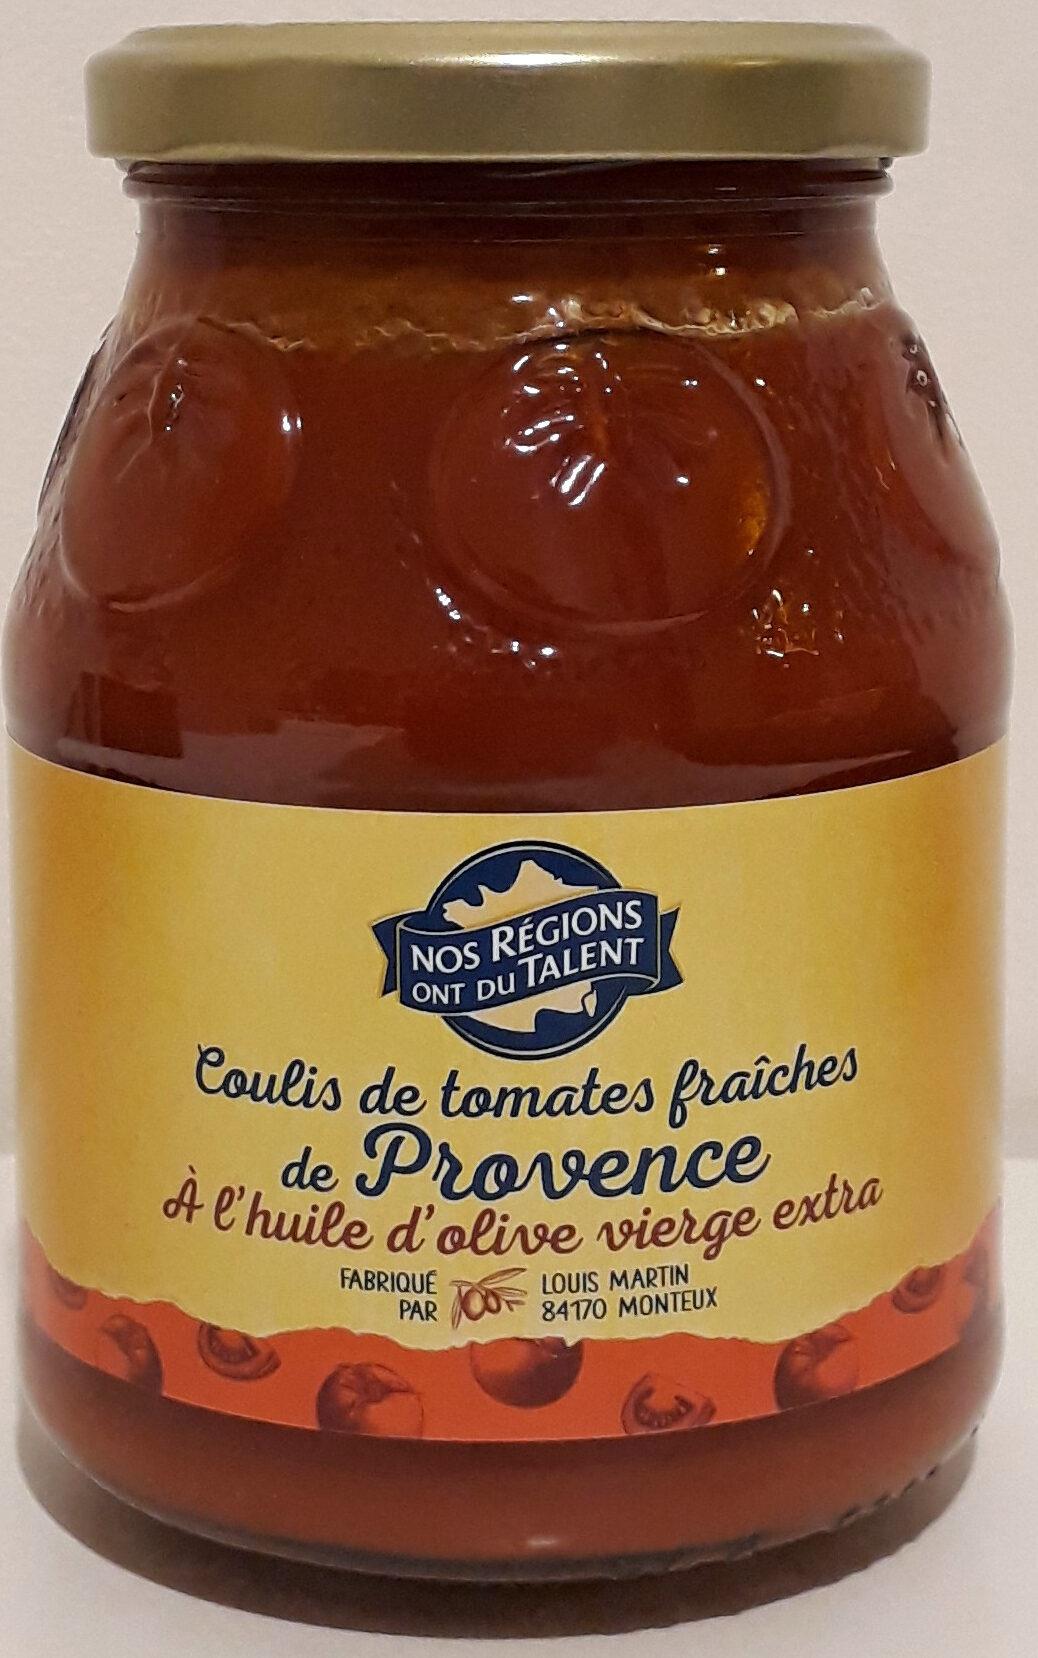 Coulis de tomates fraîches de Provence à l'huile d'olive vierge extra - Product - fr